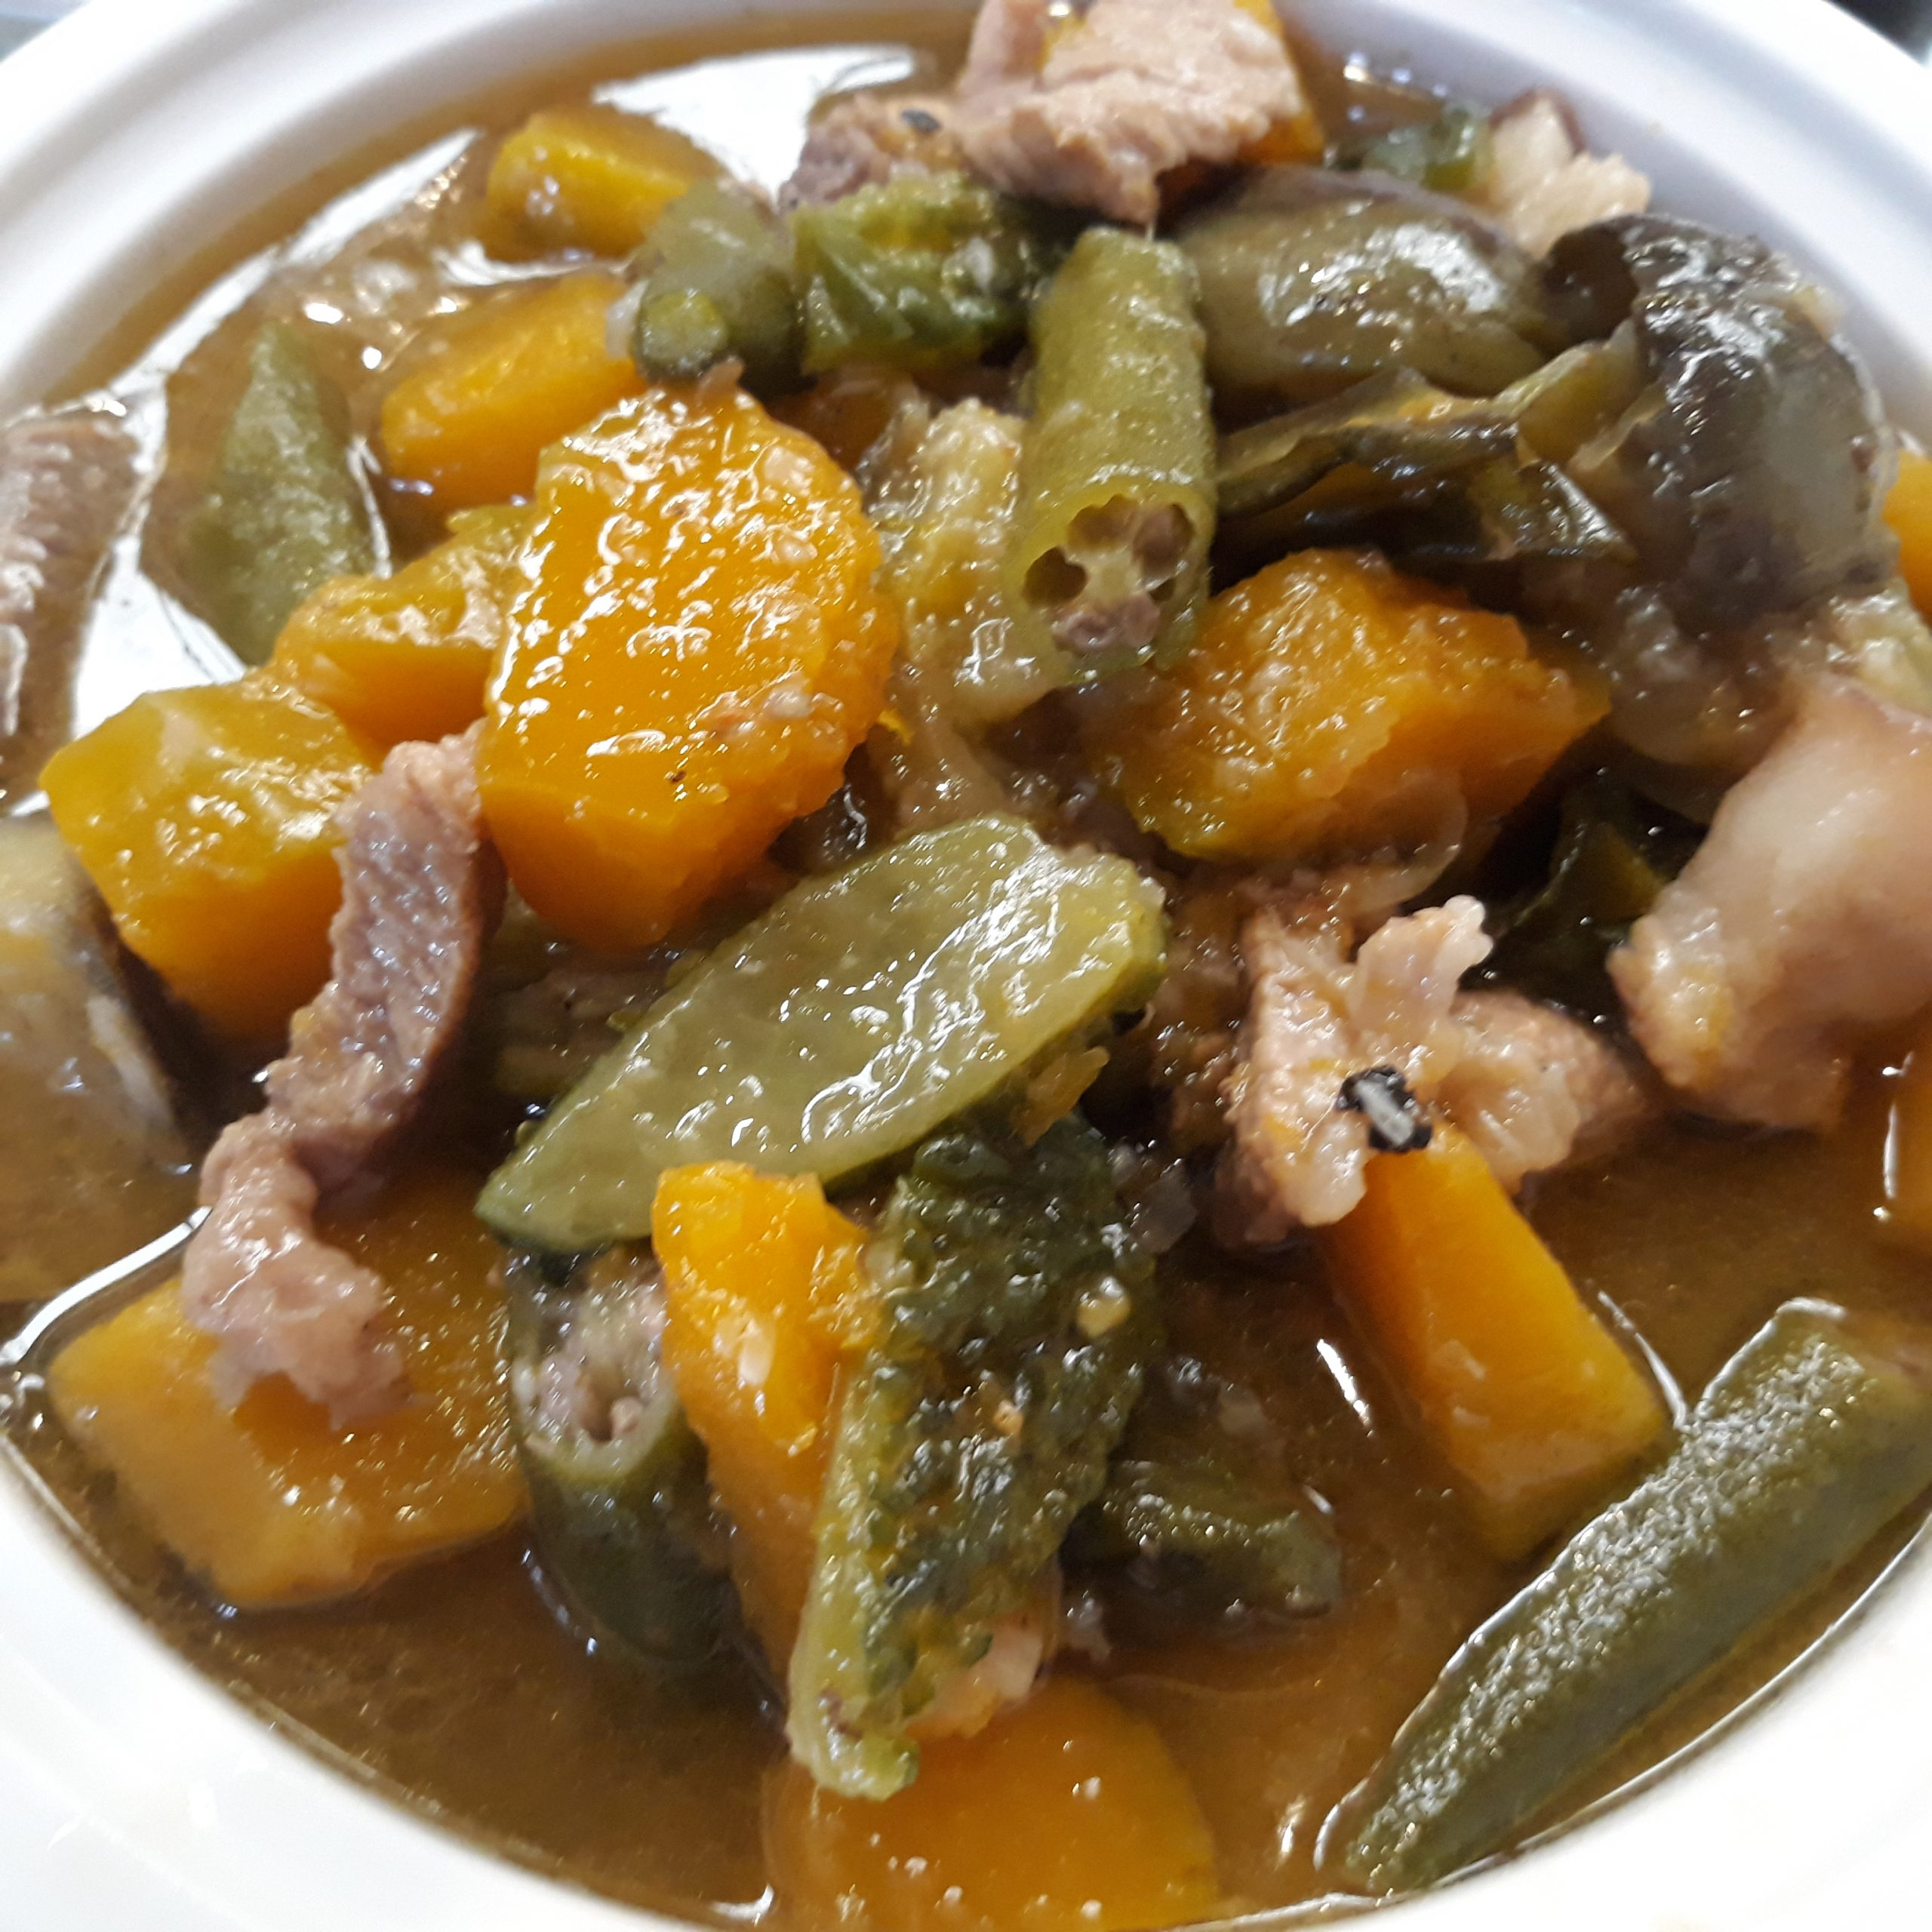 Pinakbet showing pieces of kalabasa, okra, and pork.